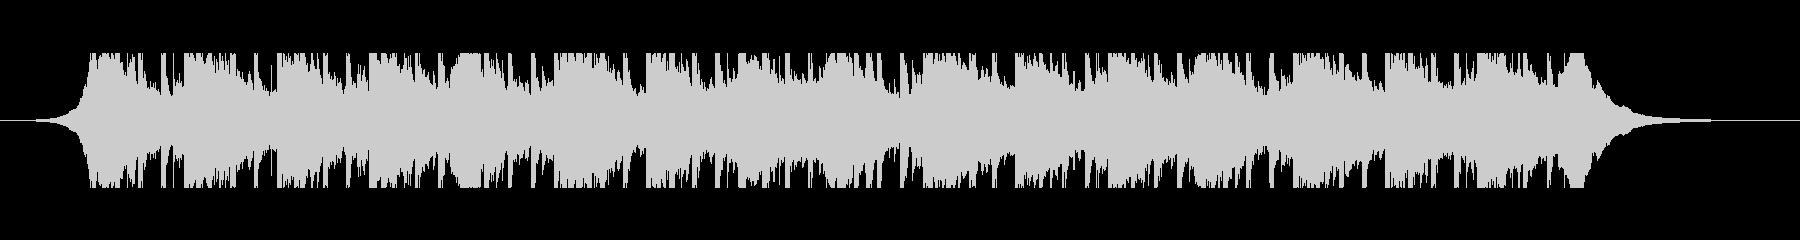 医学的背景(45秒)の未再生の波形